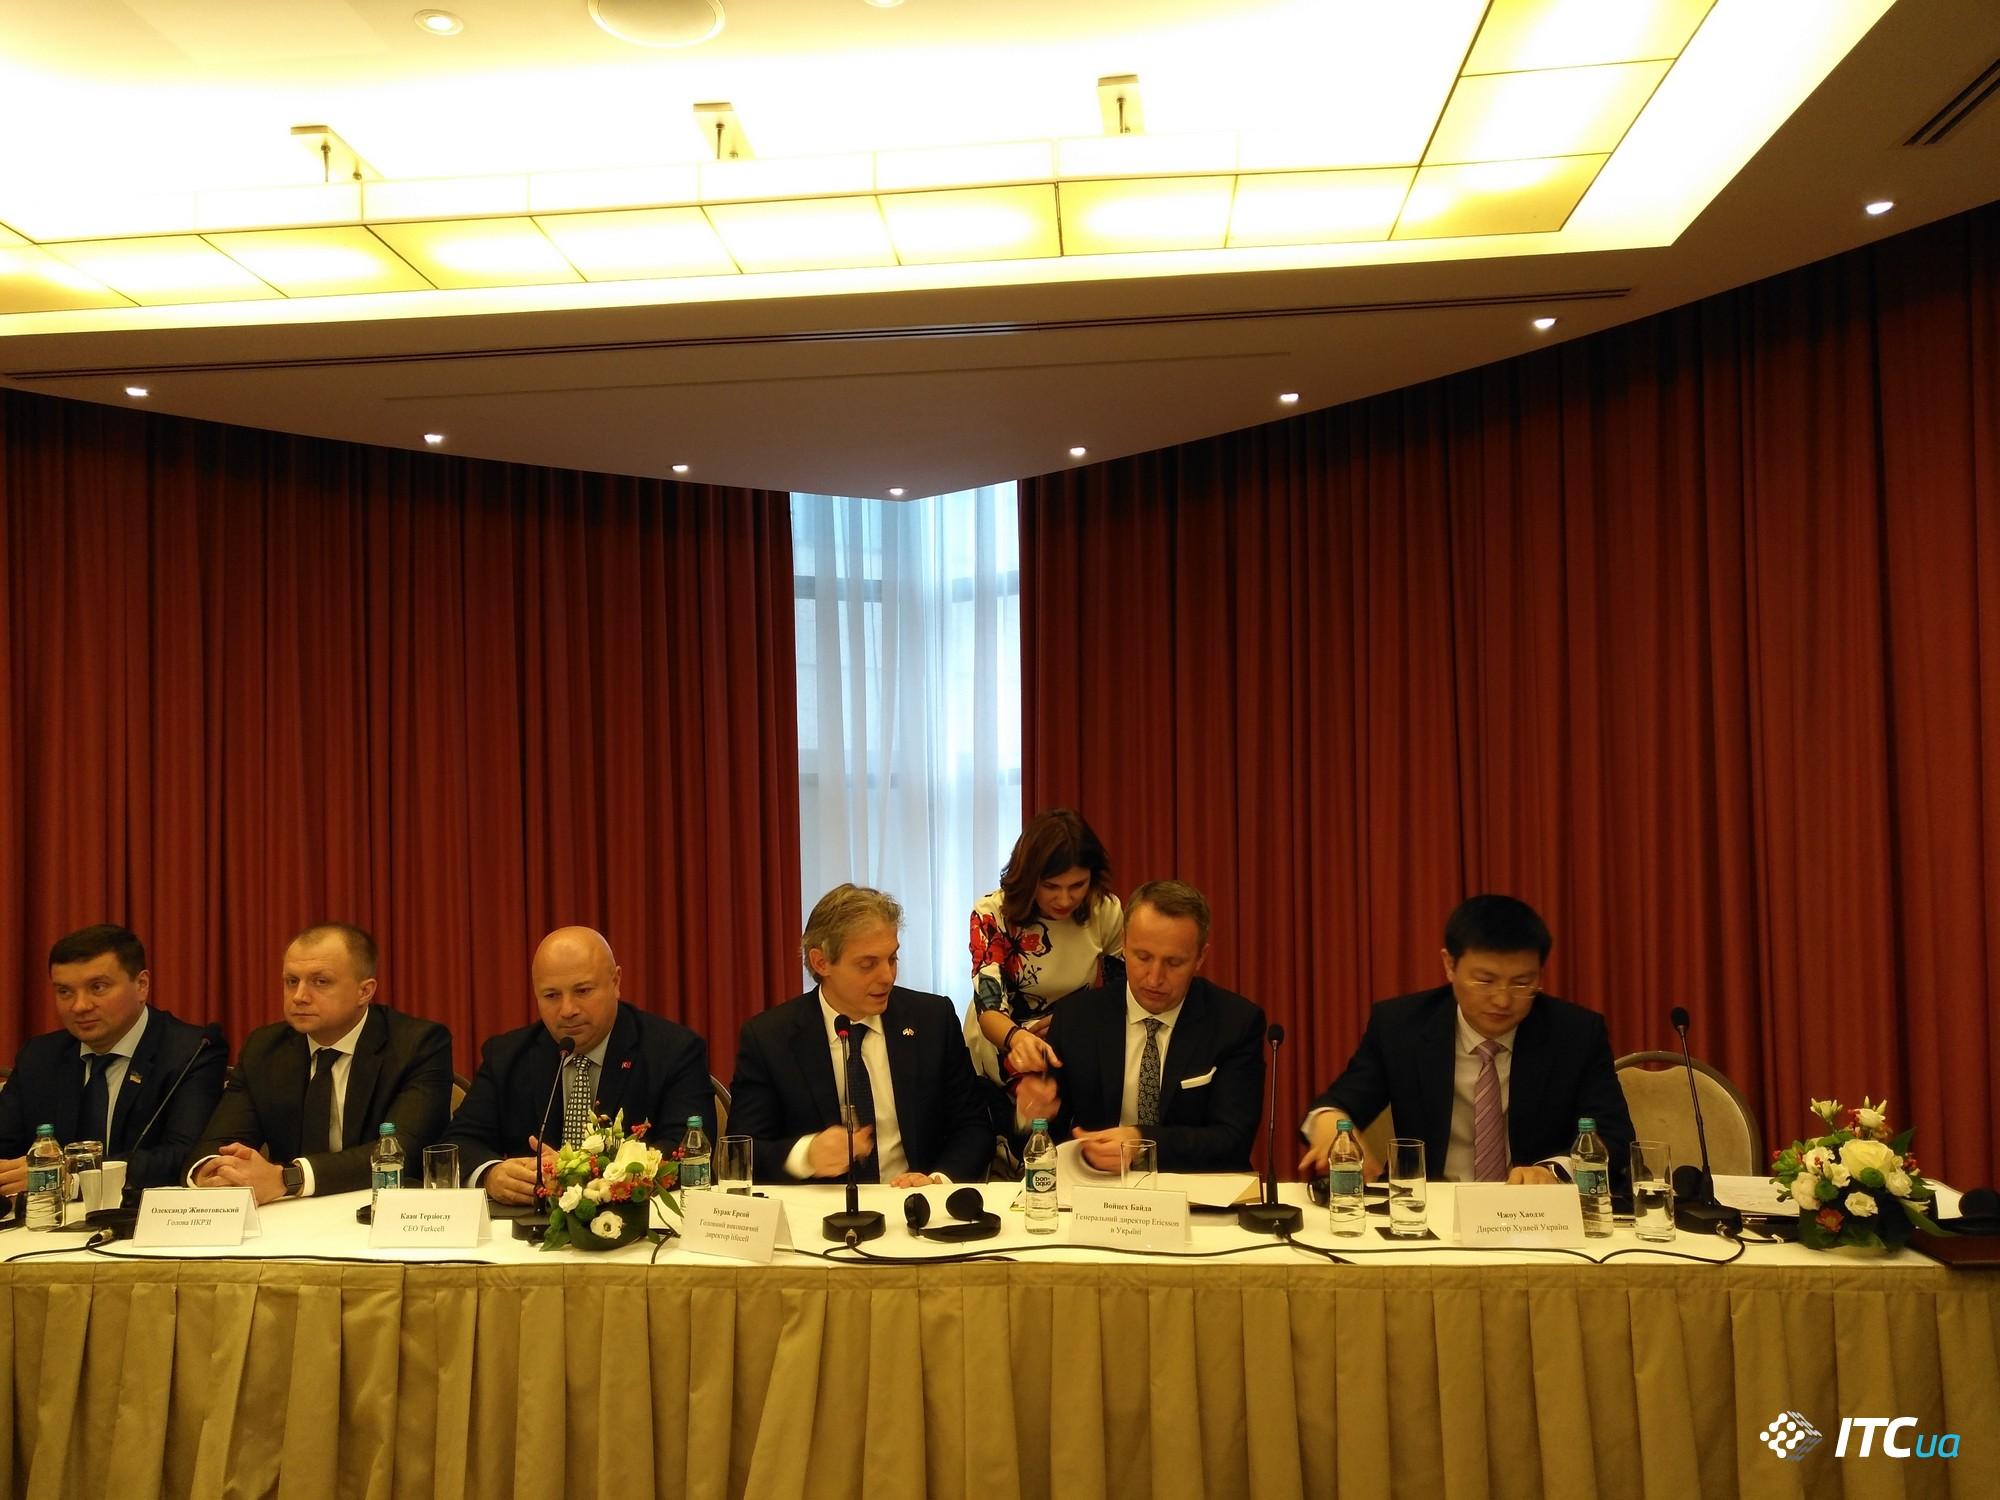 5G к2020 году: вУкраине начали разрабатывать новое поколение связи